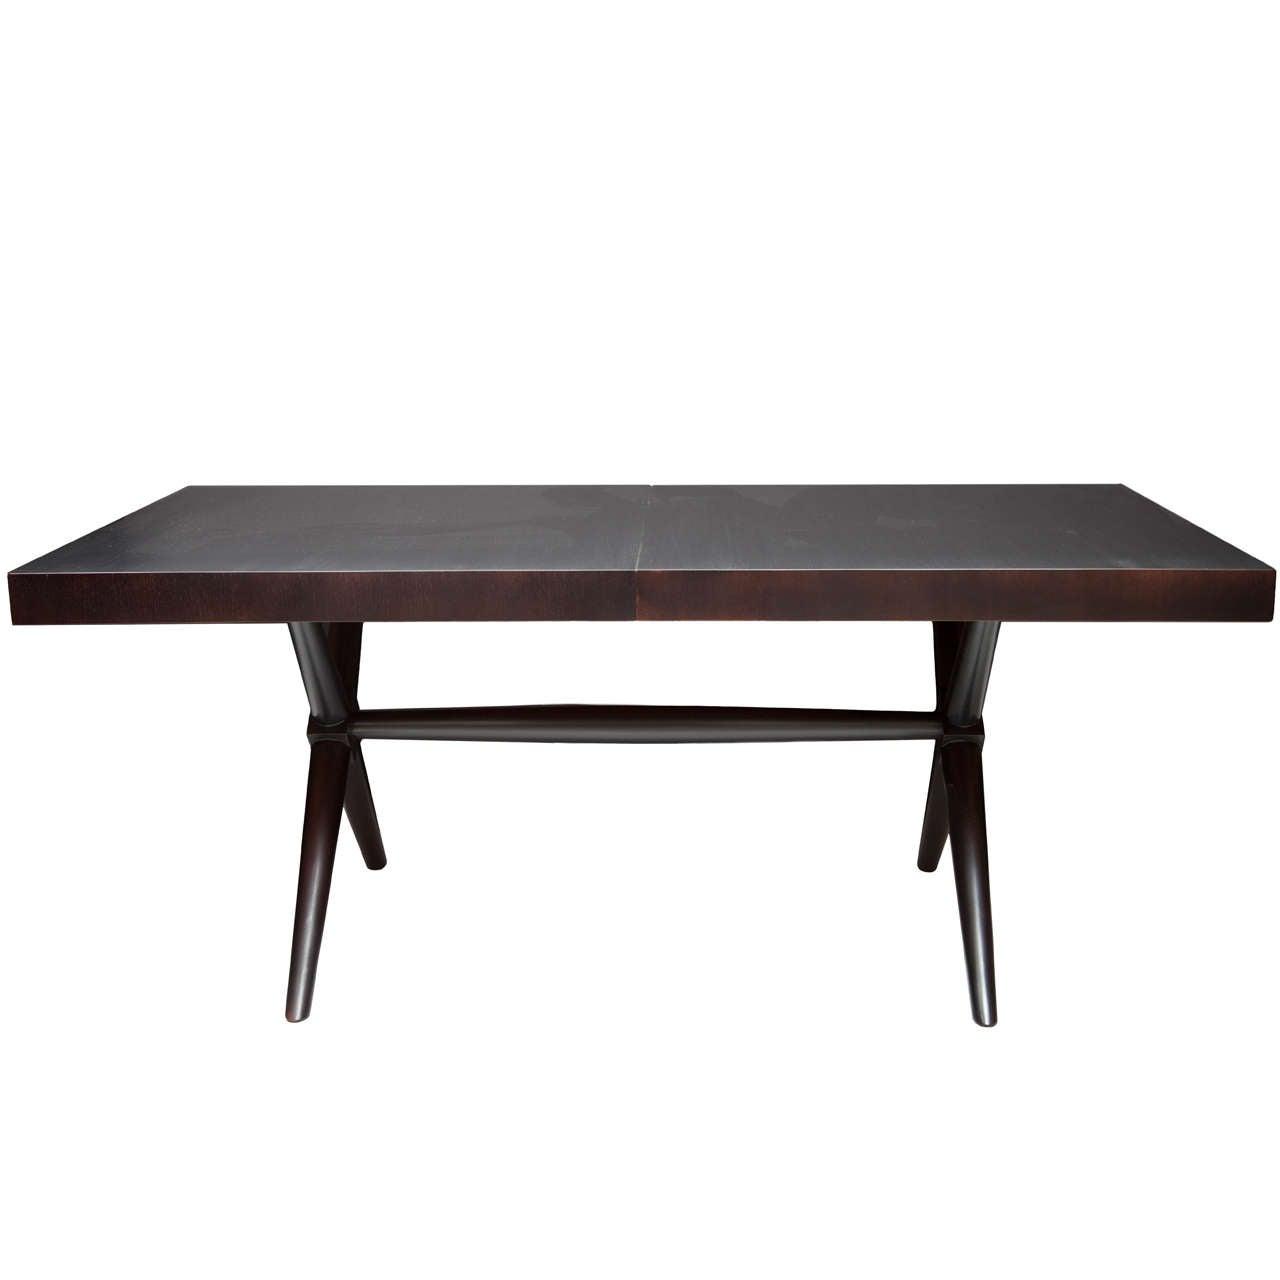 Robsjohn gibbings dining table t h robsjohn gibbings for Table th html